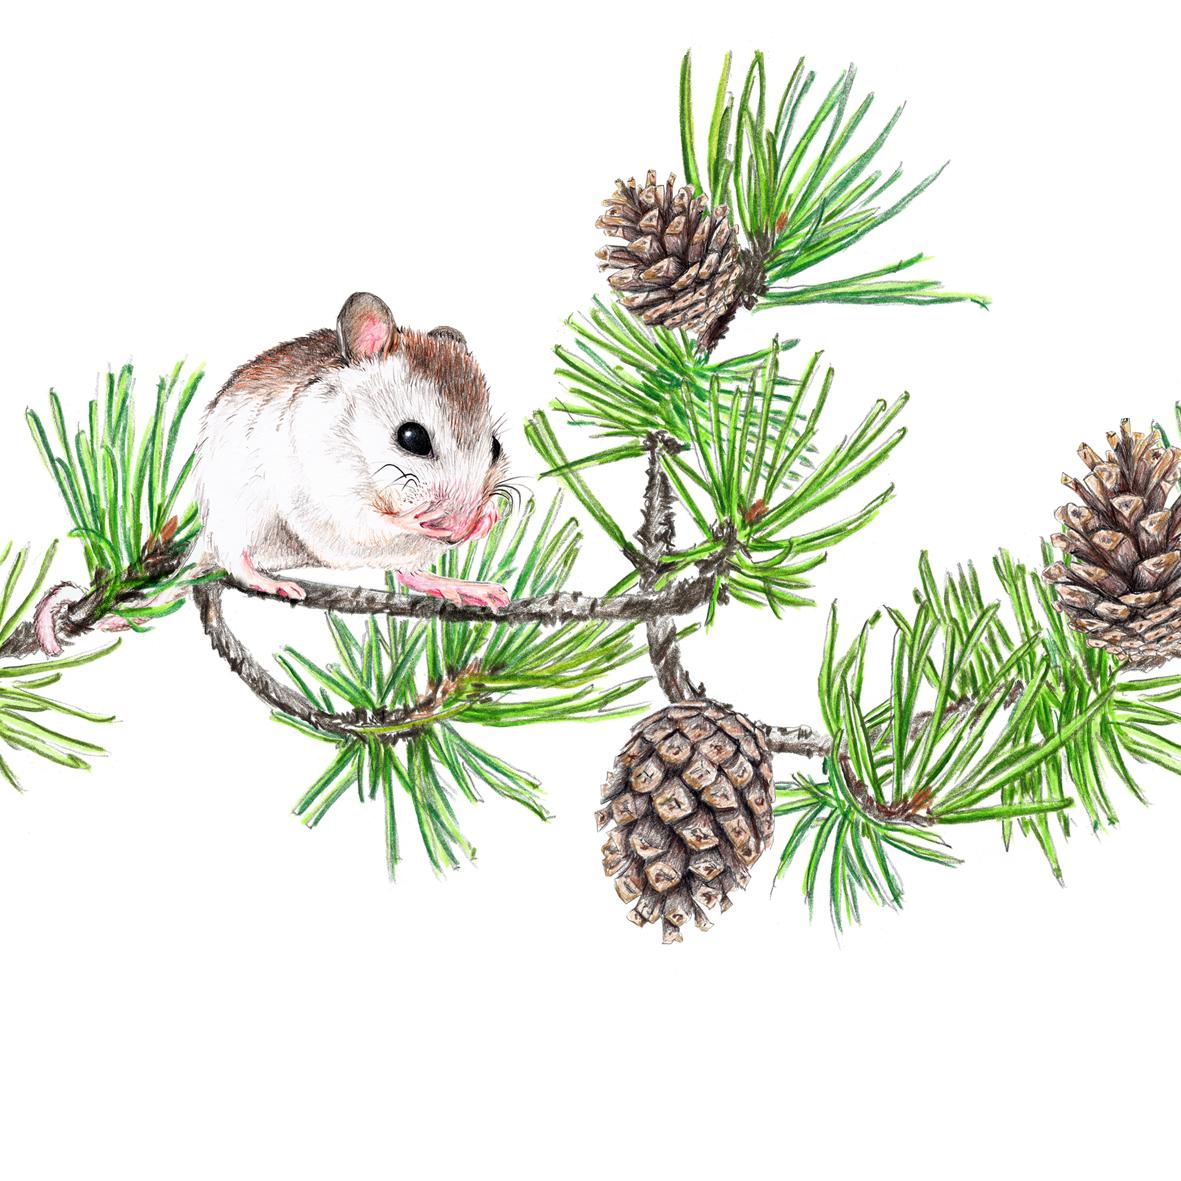 Zeichnung Maus auf Kiefernzweig Kunstdruck Poster A4